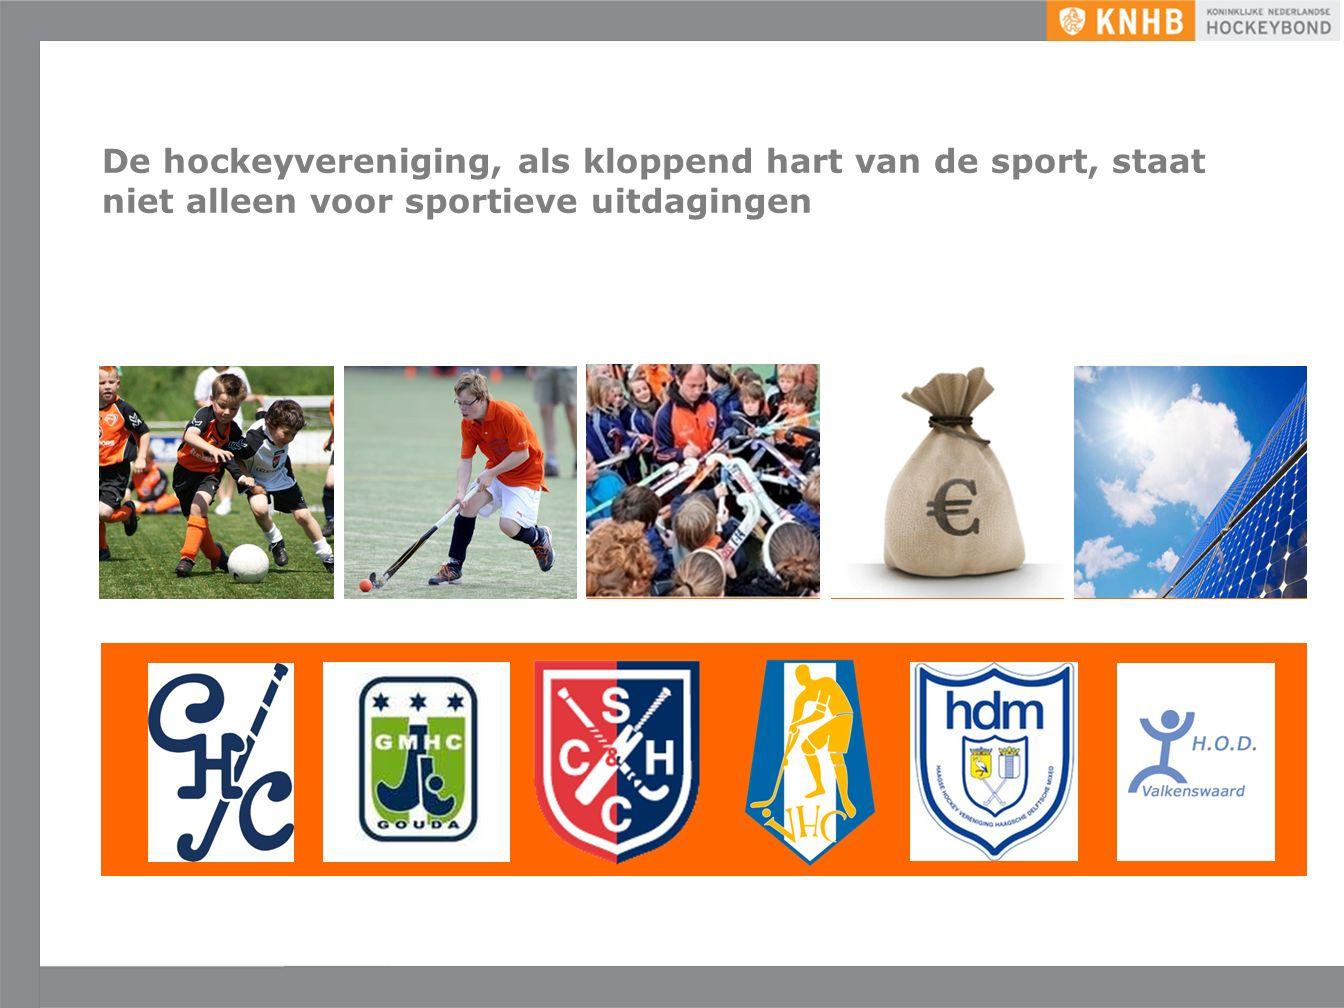 Uitgave mei '16 ©KNHB … en er is niet één antwoord of blauwdruk: dé hockeyvereniging bestaat niet meer… Verenigingen zoeken naar manieren om een eigen antwoord te geven op vragen rondom onder andere maatschappij en de veranderende consumentenbehoefte op een manier die bij hun vereniging past.